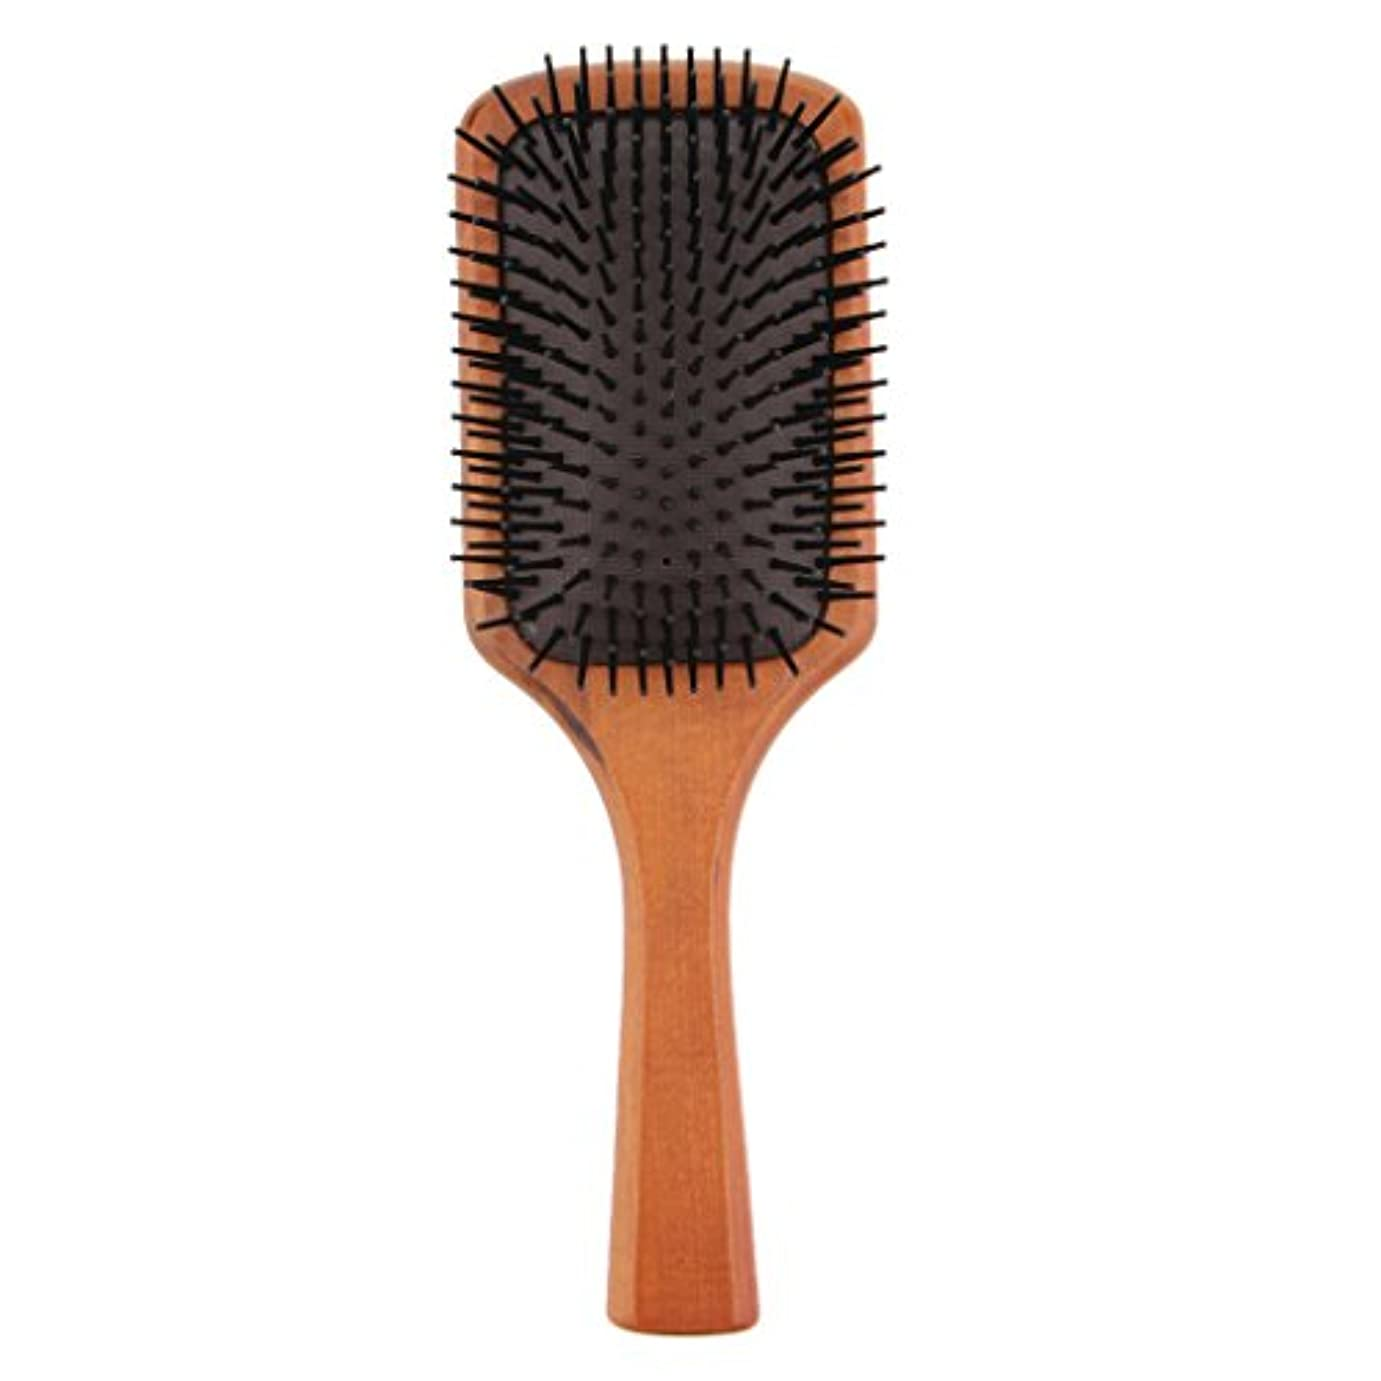 T TOOYFUL 木製コーム ヘアブラシ 櫛 ヘアダイコーム ヘアコーム 健康 光沢 髪 維持